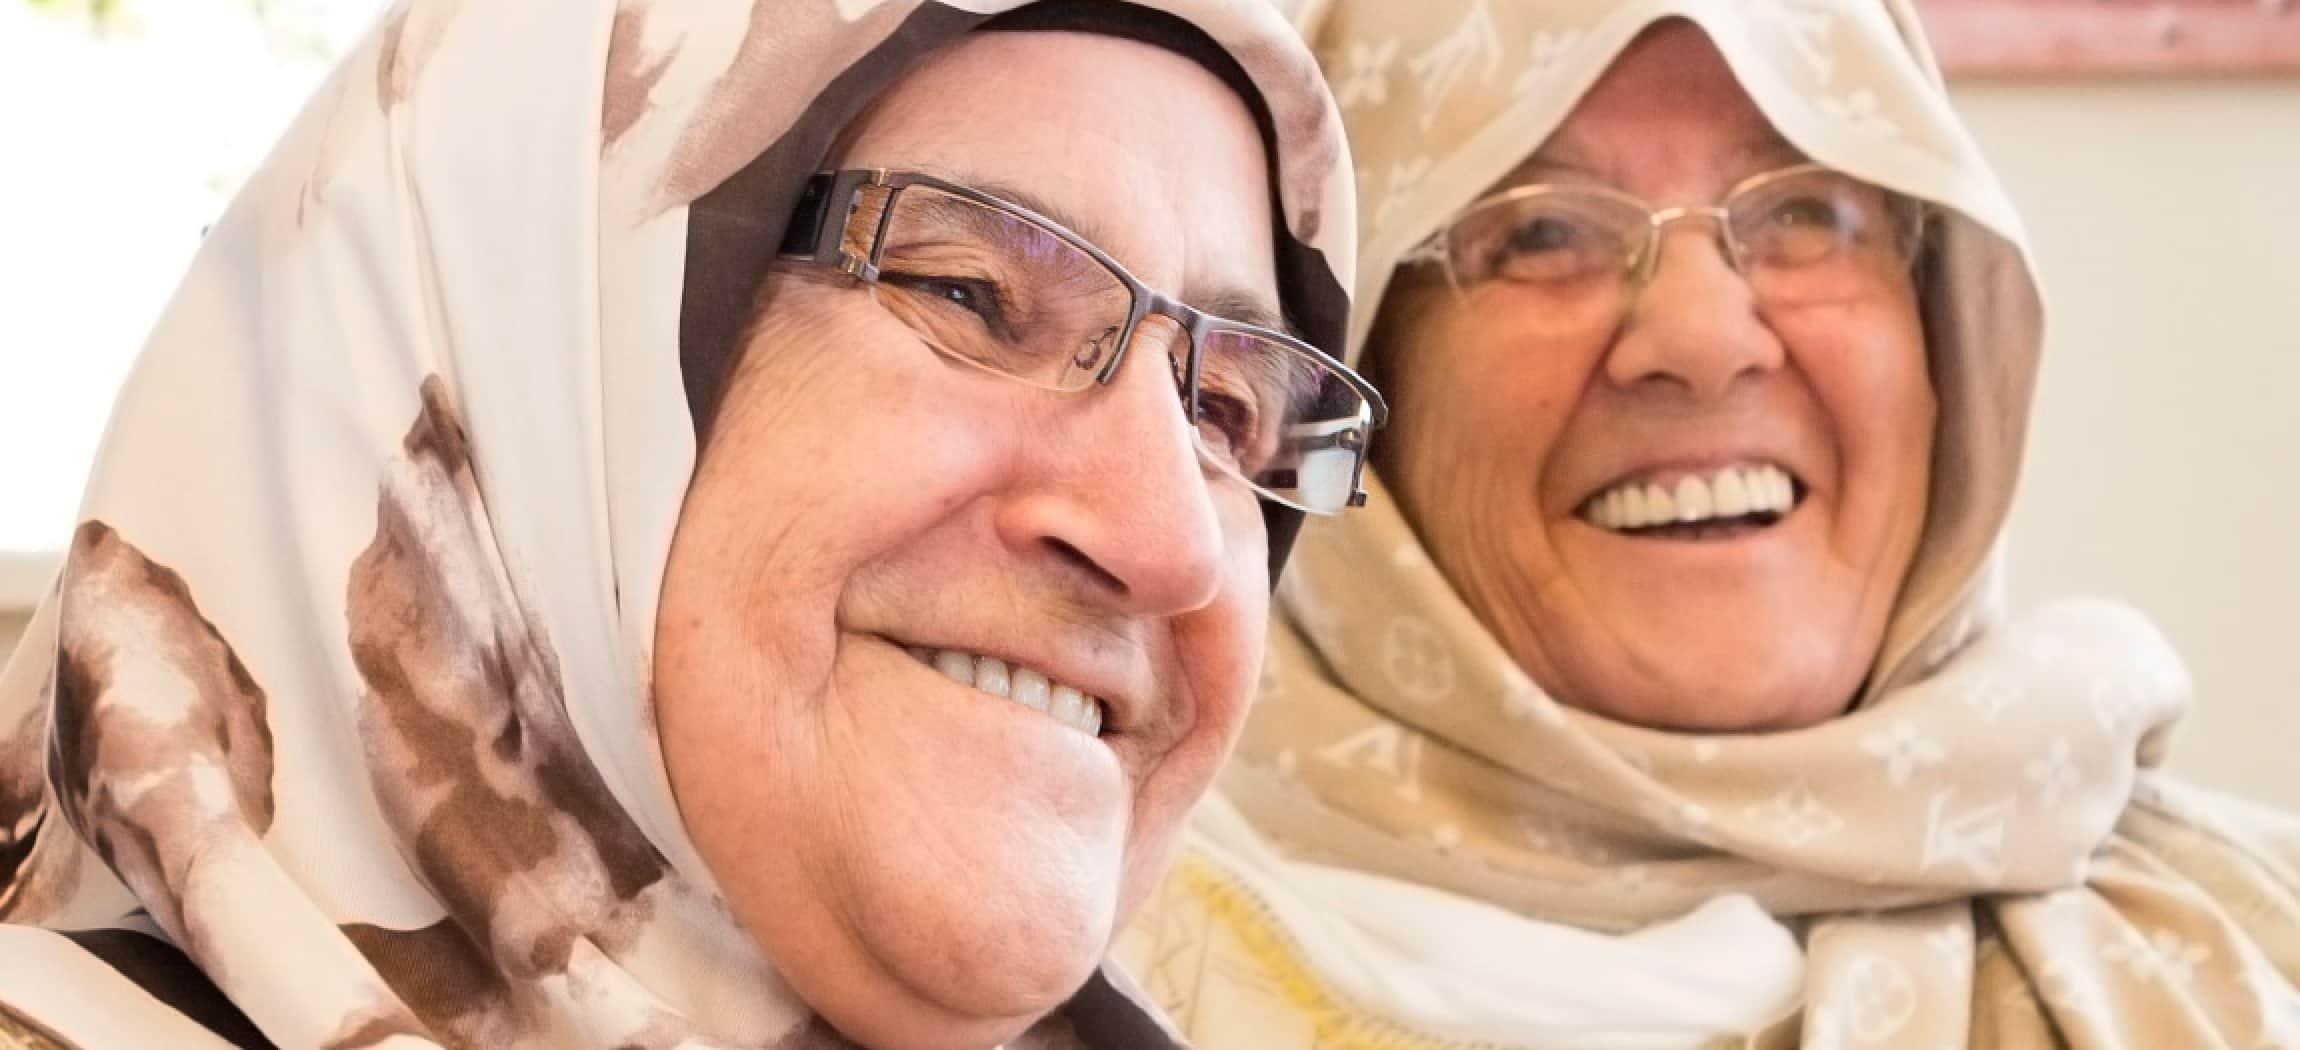 Twee vrolijke oudere dames met hoofddoek, omslagdoek of hijab